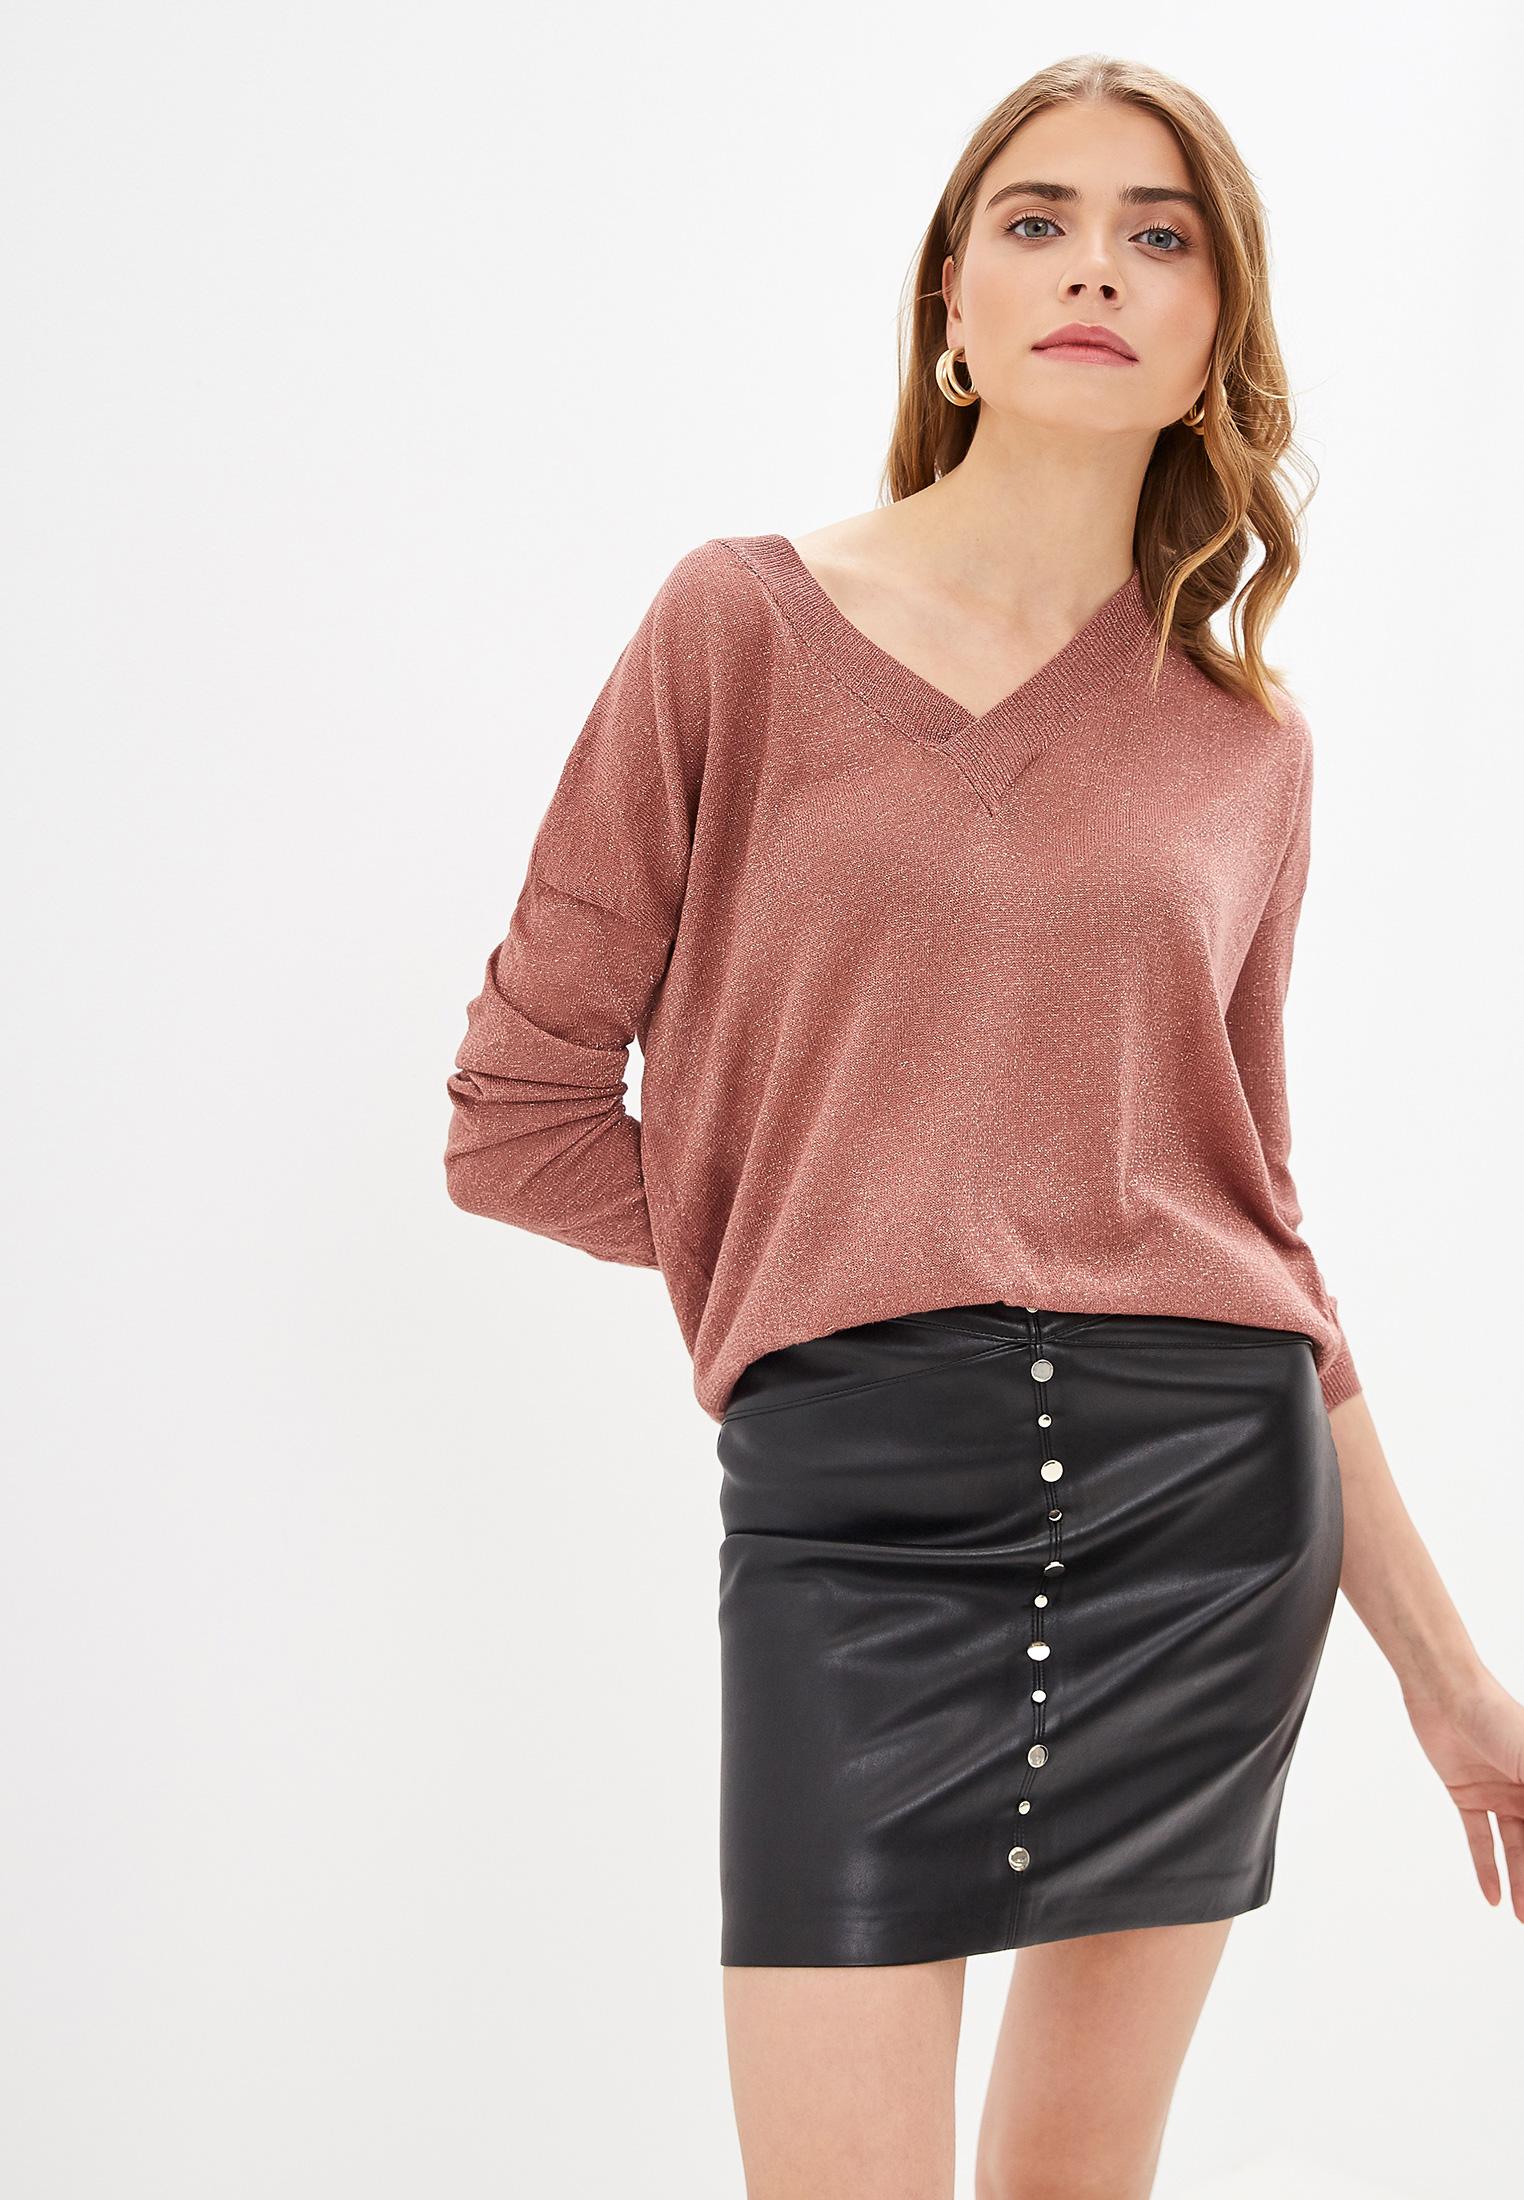 Пуловер, Love Republic, цвет: бежевый. Артикул: MP002XW0RBLL. Одежда / Джемперы, свитеры и кардиганы